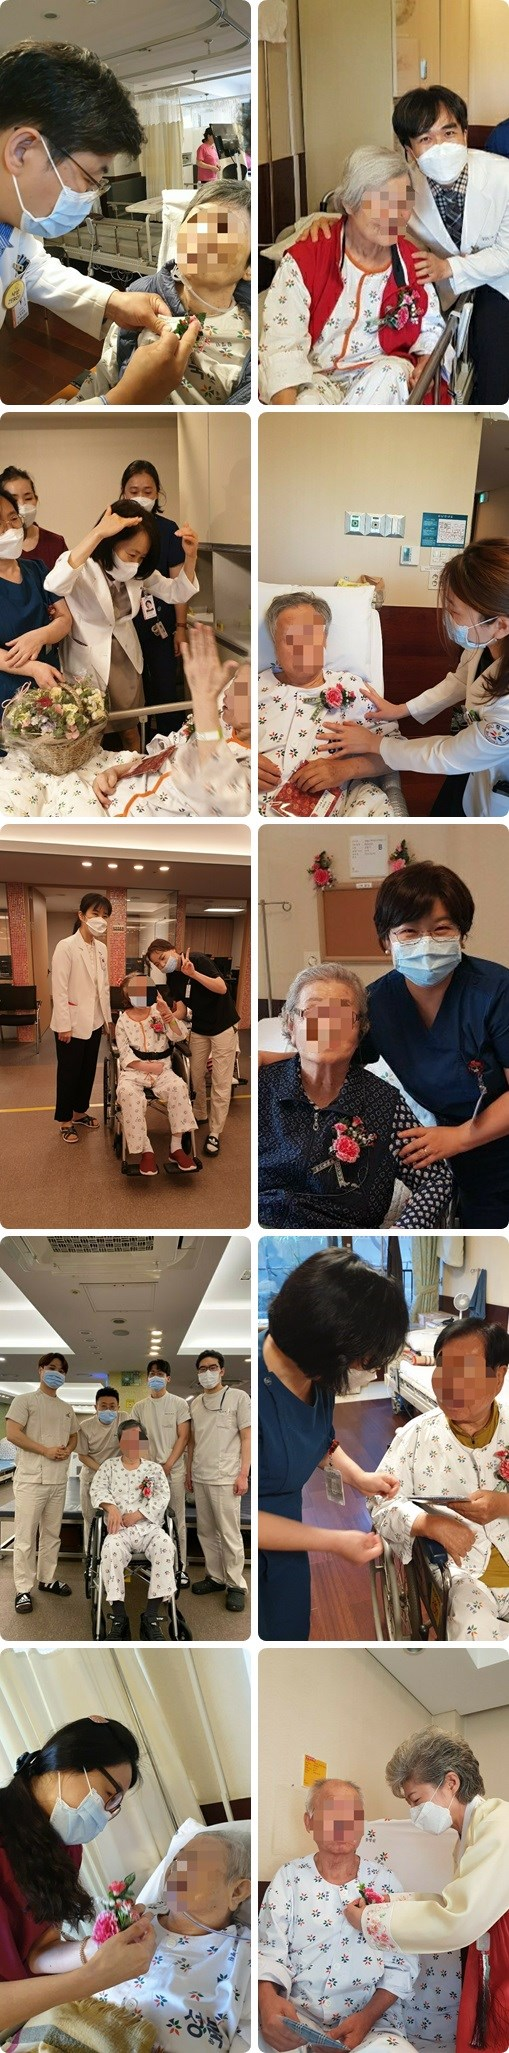 원내 환자분들께 어버이날 카네이션을 달아드리고 선물을 전달하는 사진입니다